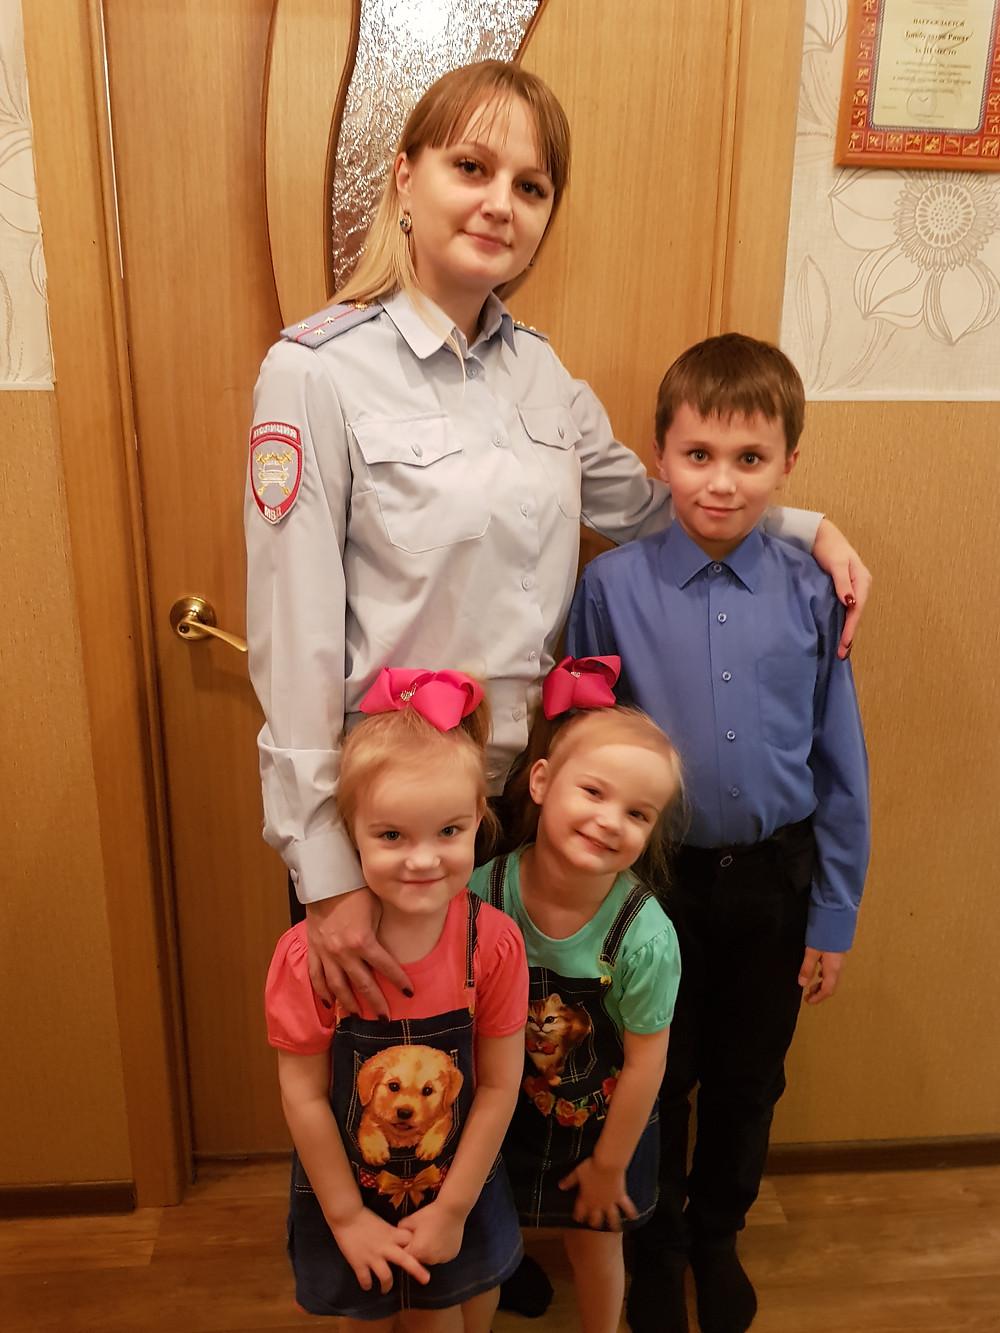 Екатерина  Бекбулатова:  «Мы вместе!» Фото из личного архива